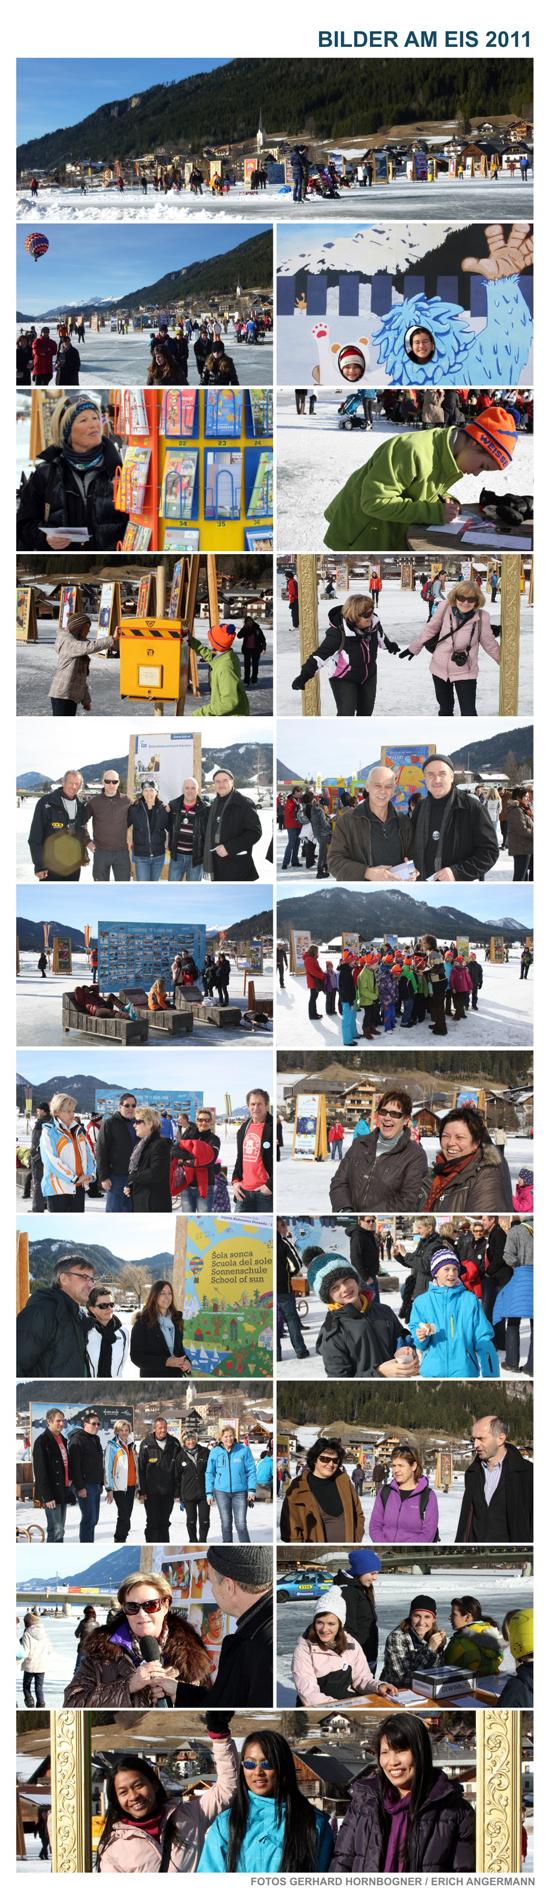 Bilder am Eis 2011